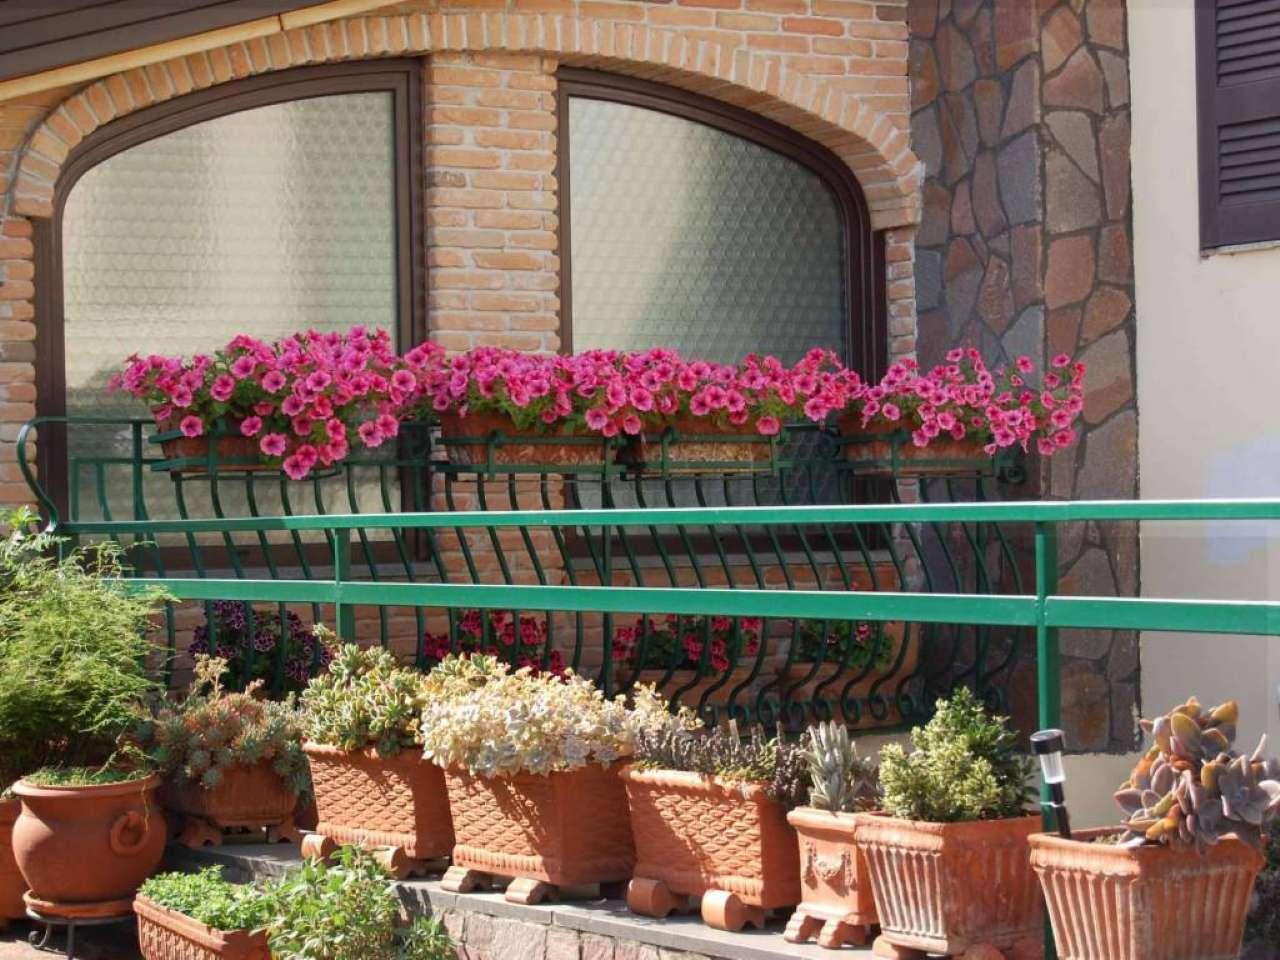 Pomigliano d'Arco Vendita VILLA Immagine 0